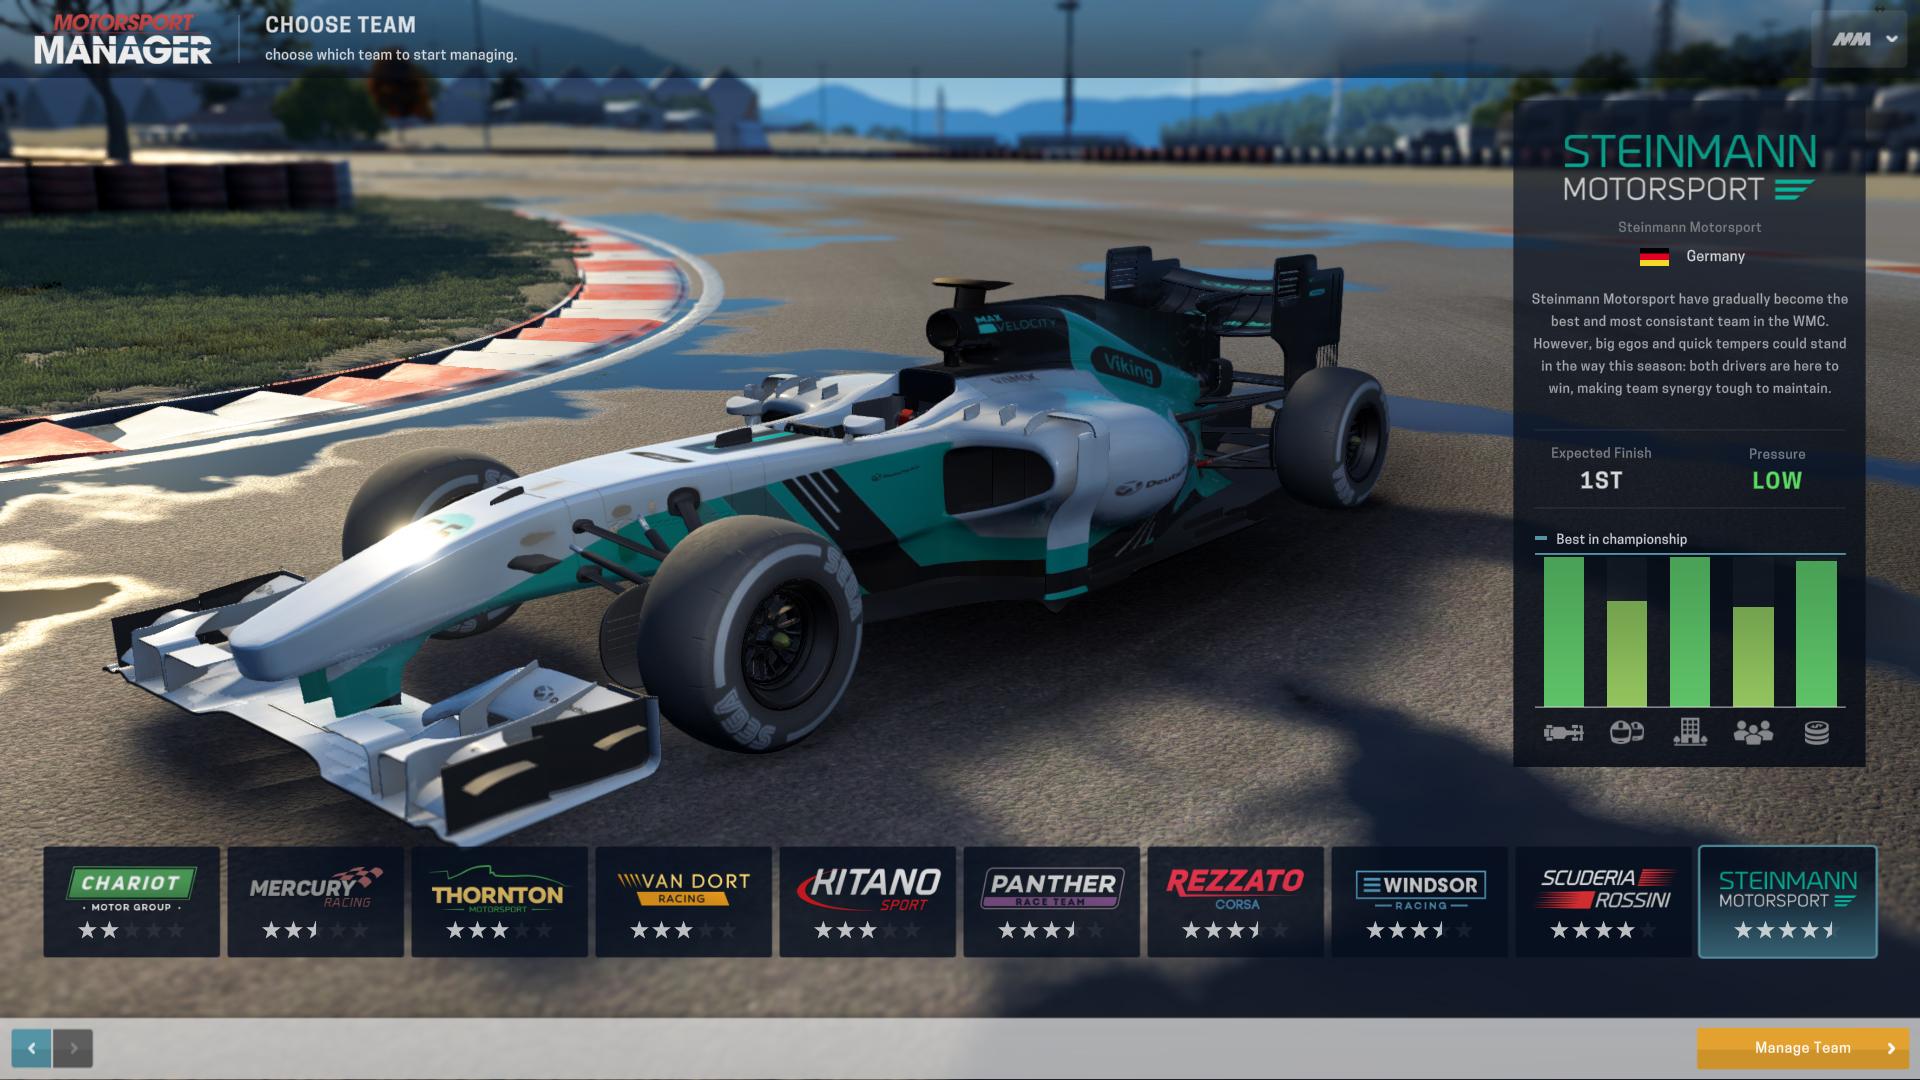 Motorsport Manager arriverà su Windows e Mac OS X a novembre